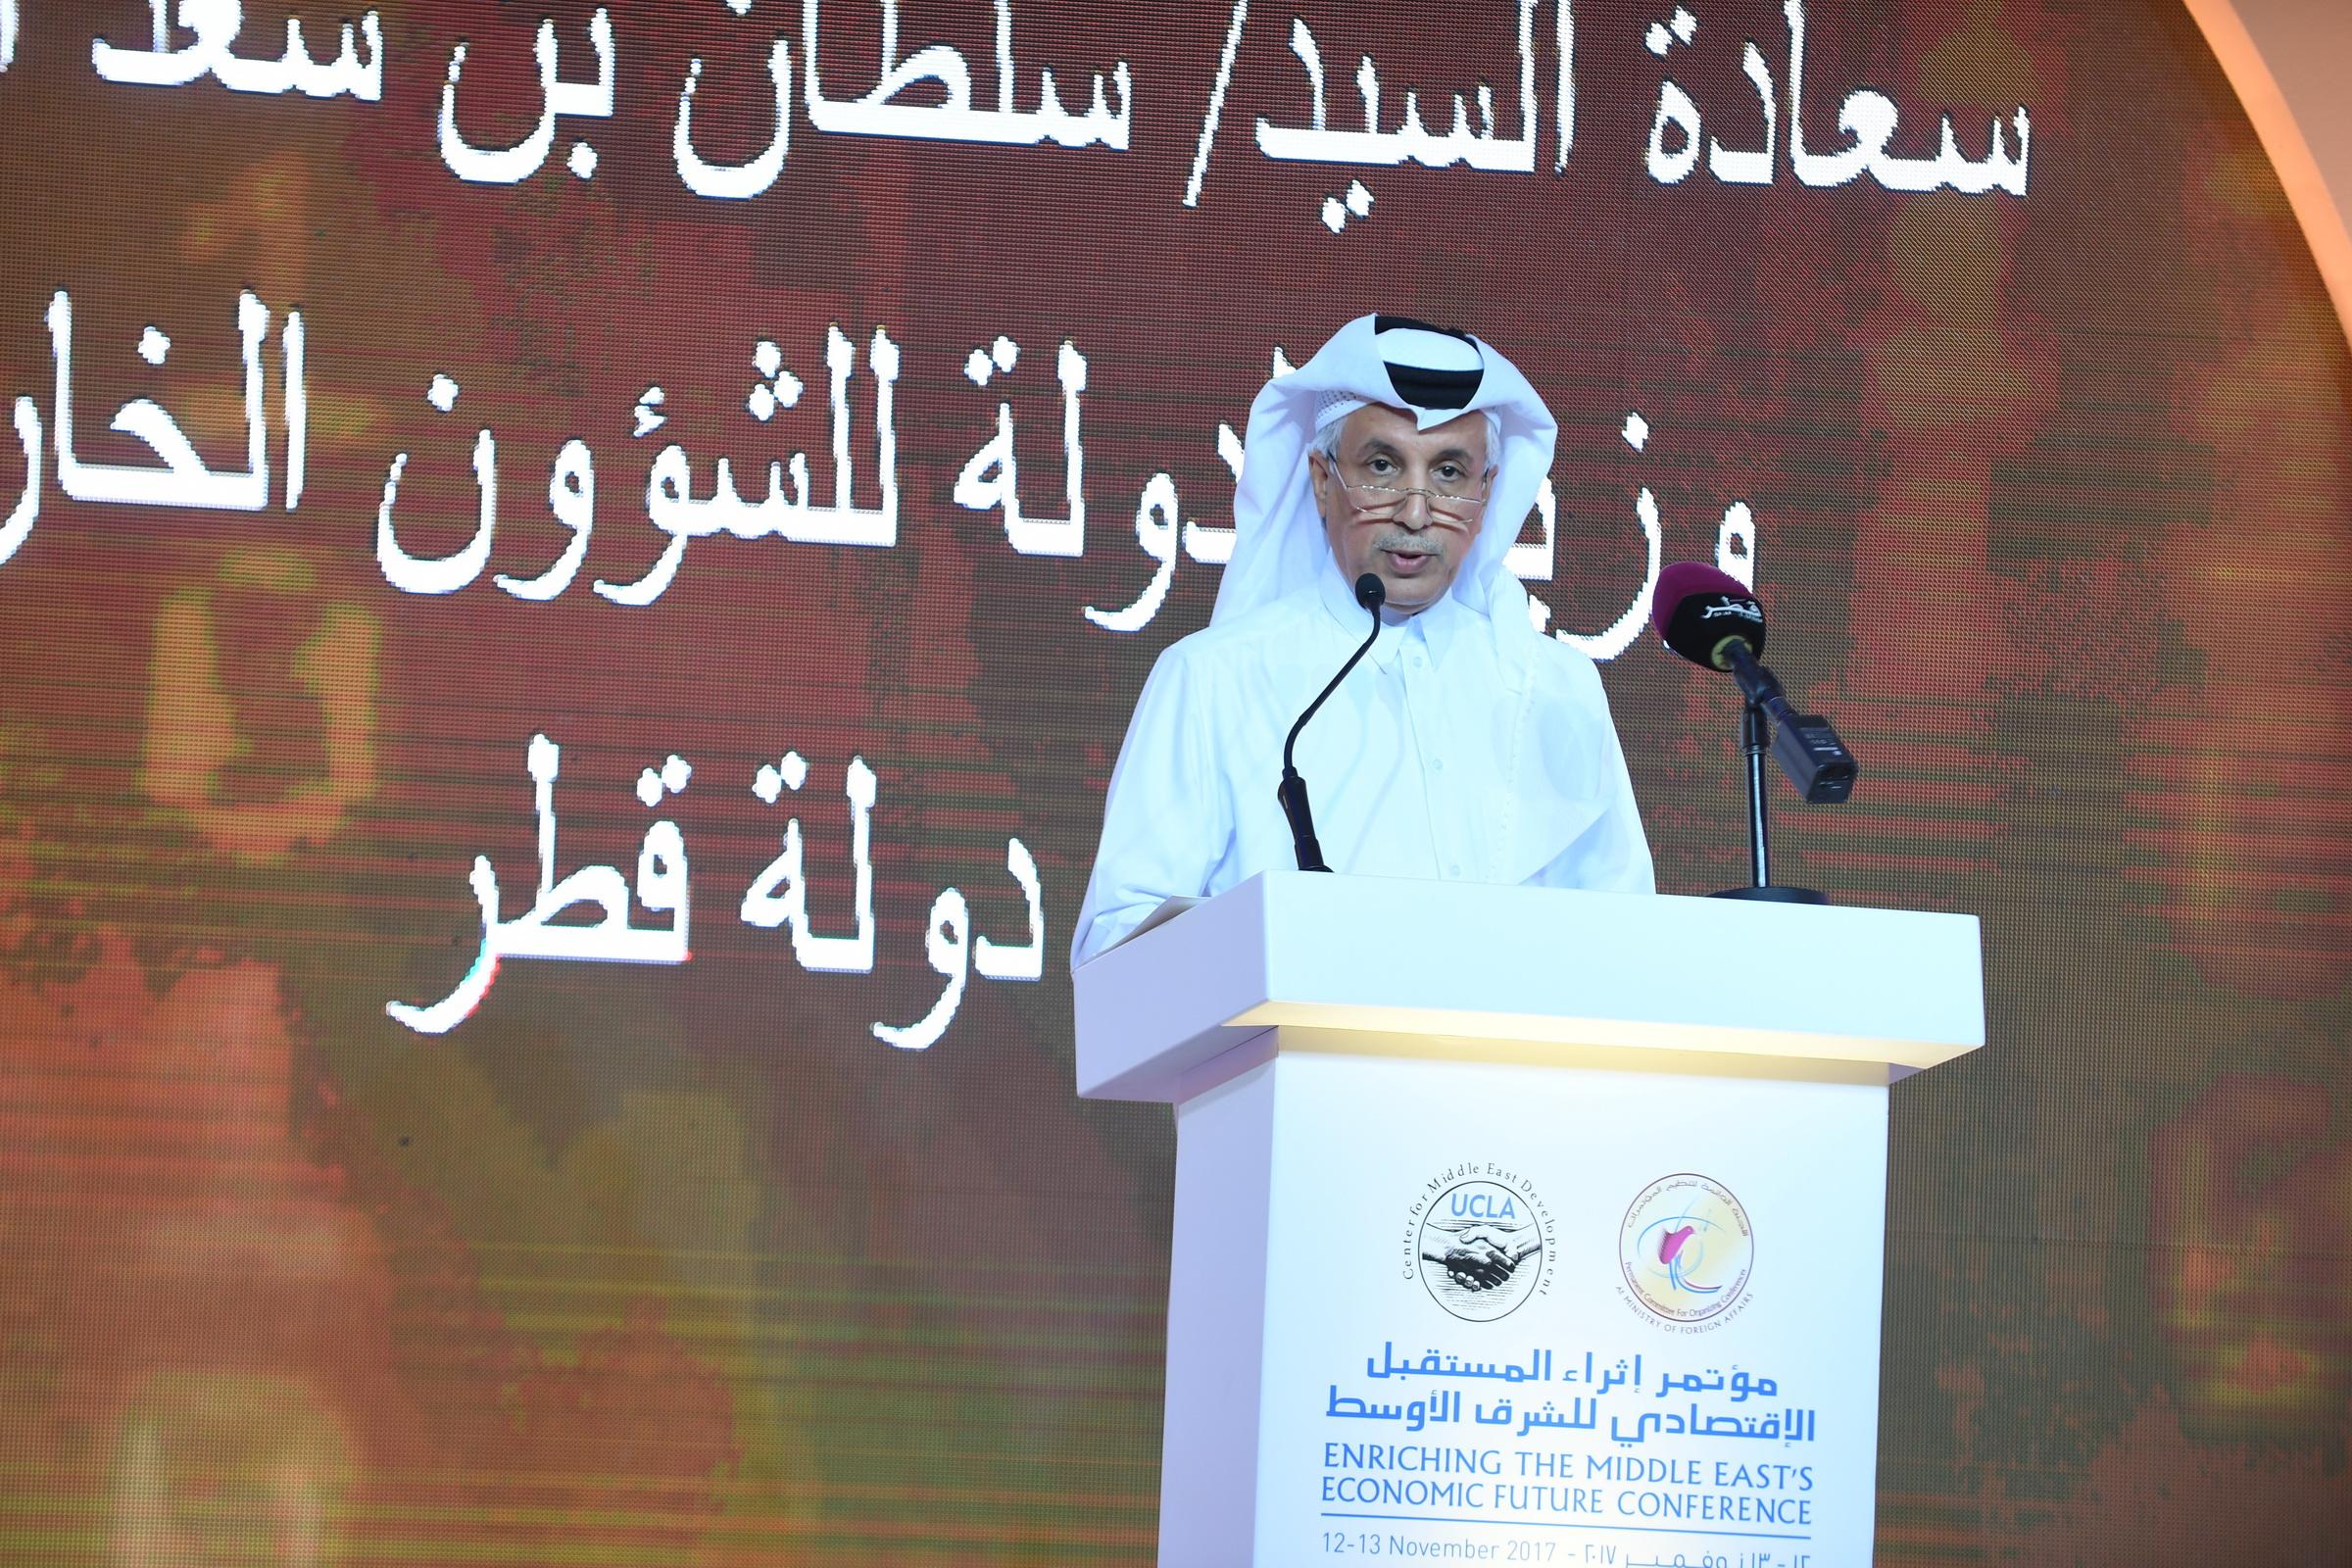 اختتام النسخة الثانية عشرة من مؤتمر إثراء المستقبل الاقتصادي للشرق الأوسط